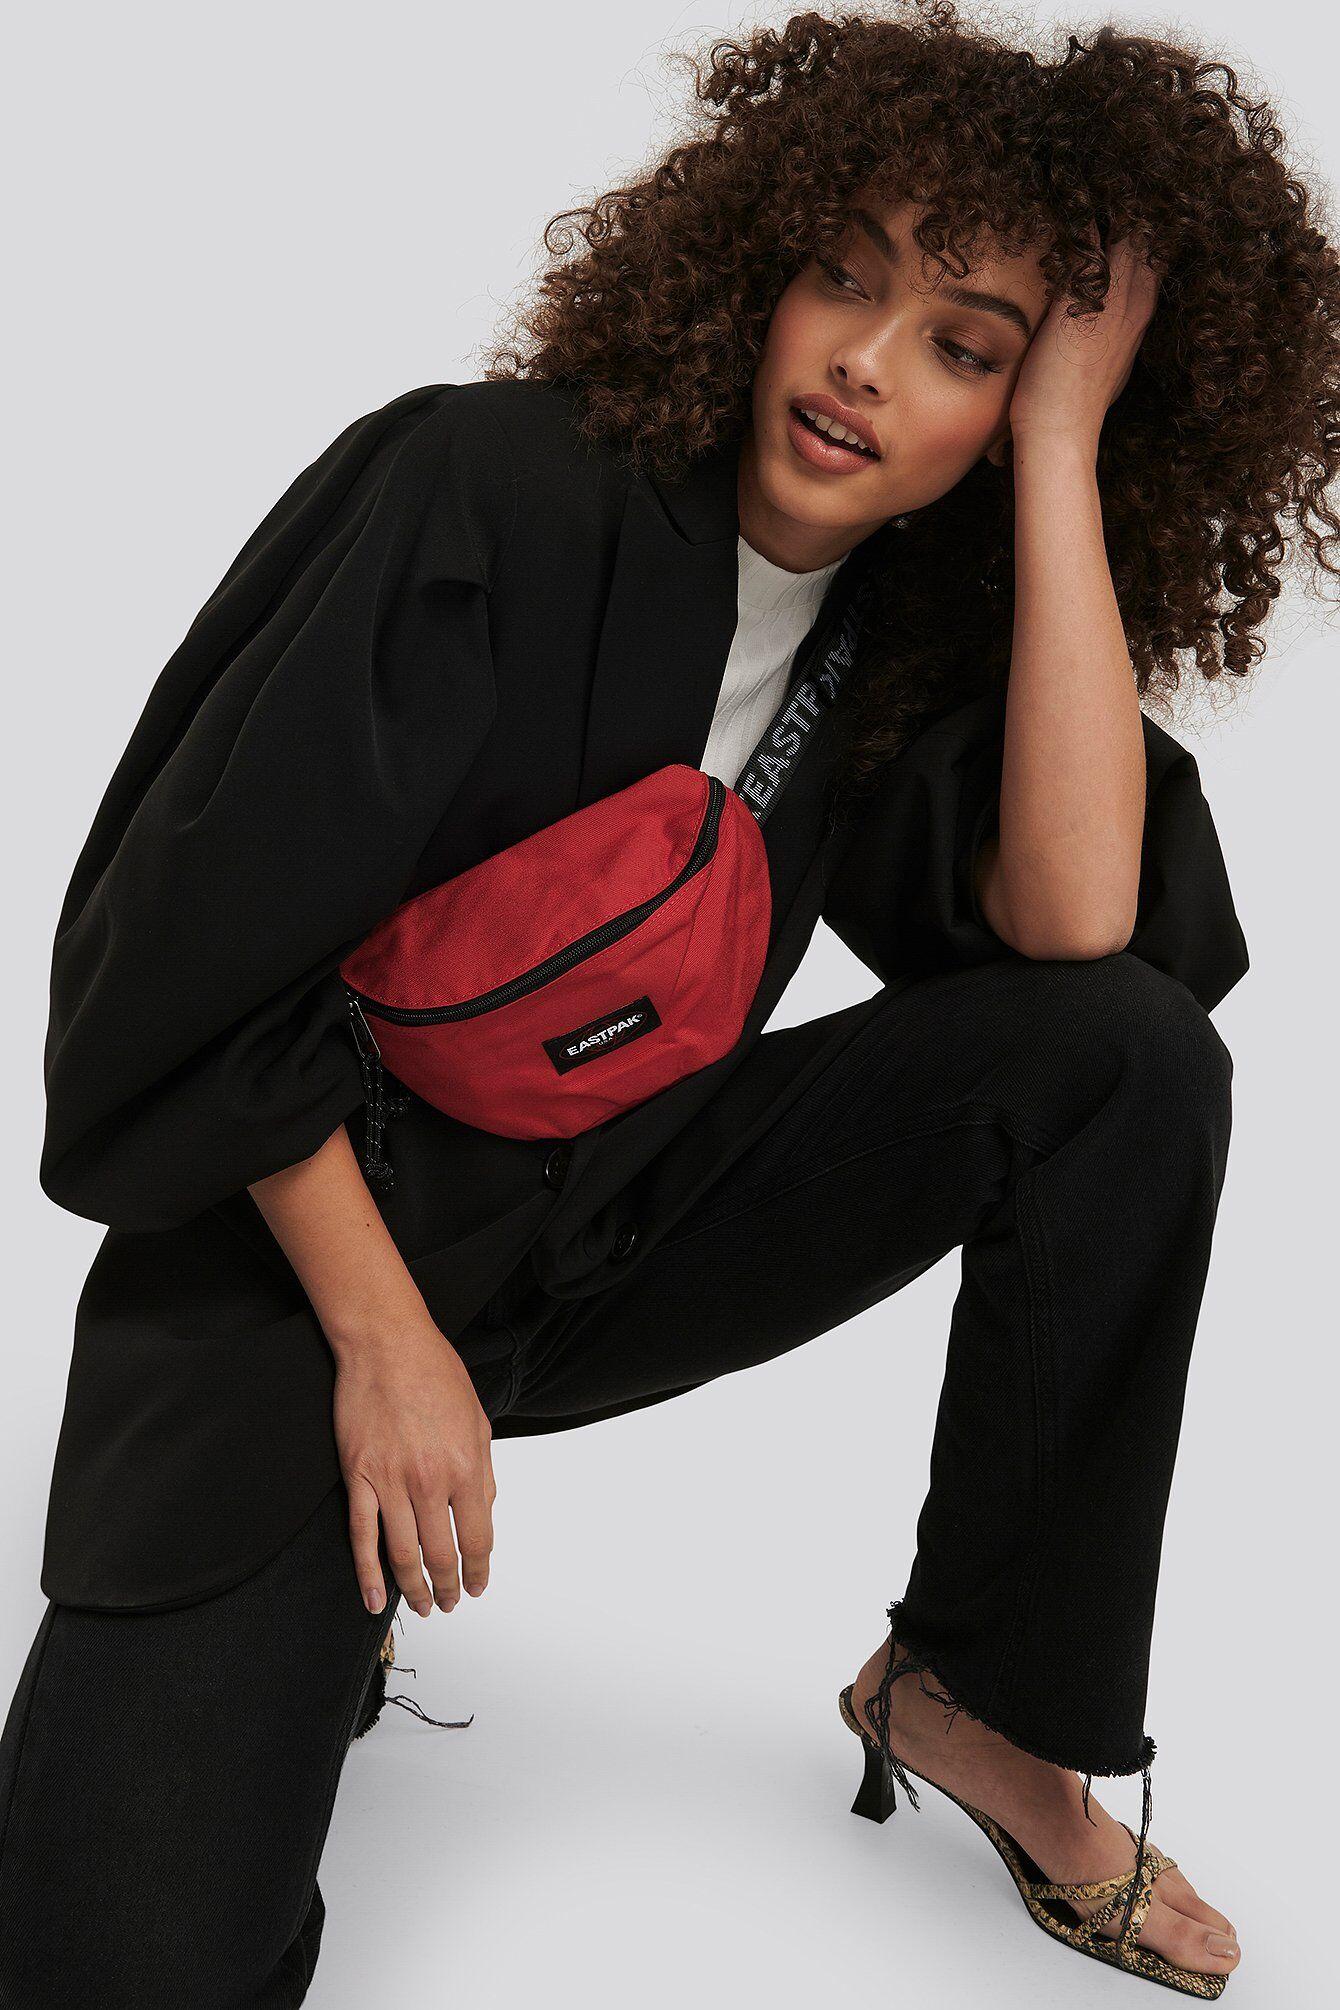 Eastpak Springer Bag - Red  - Size: One Size